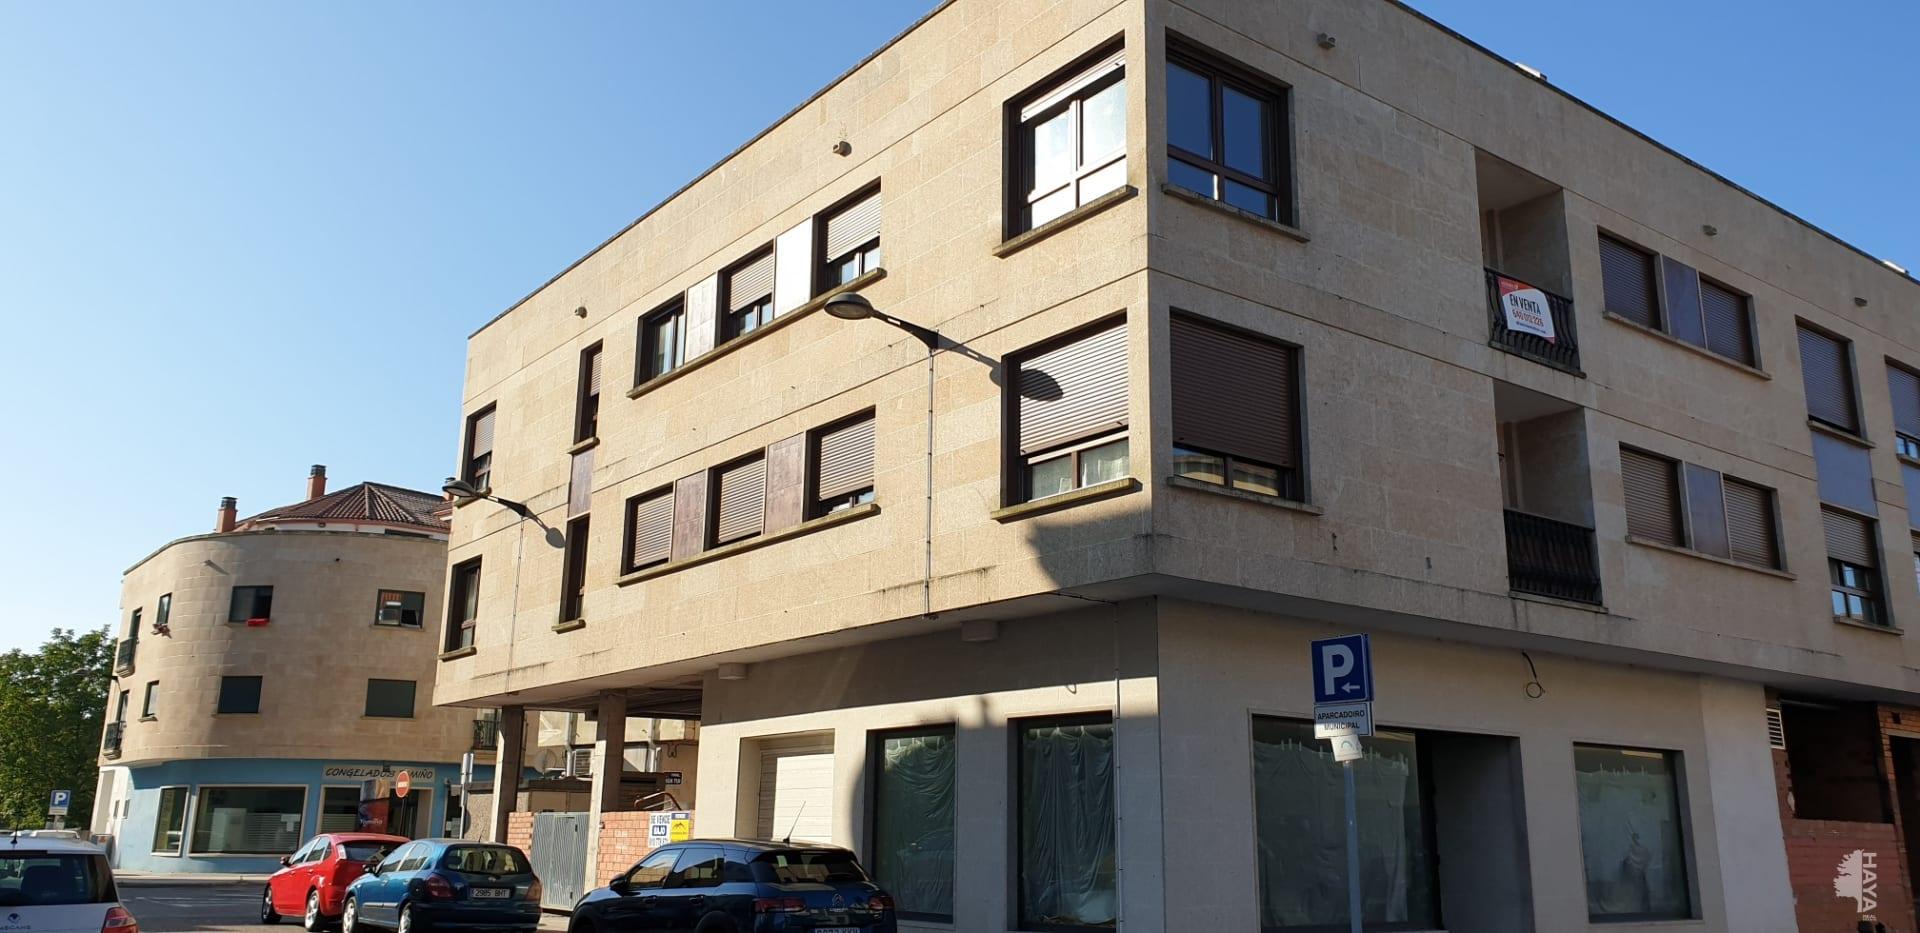 Piso en venta en Tomiño, Pontevedra, Avenida Gondomar, 70.000 €, 3 habitaciones, 2 baños, 80 m2